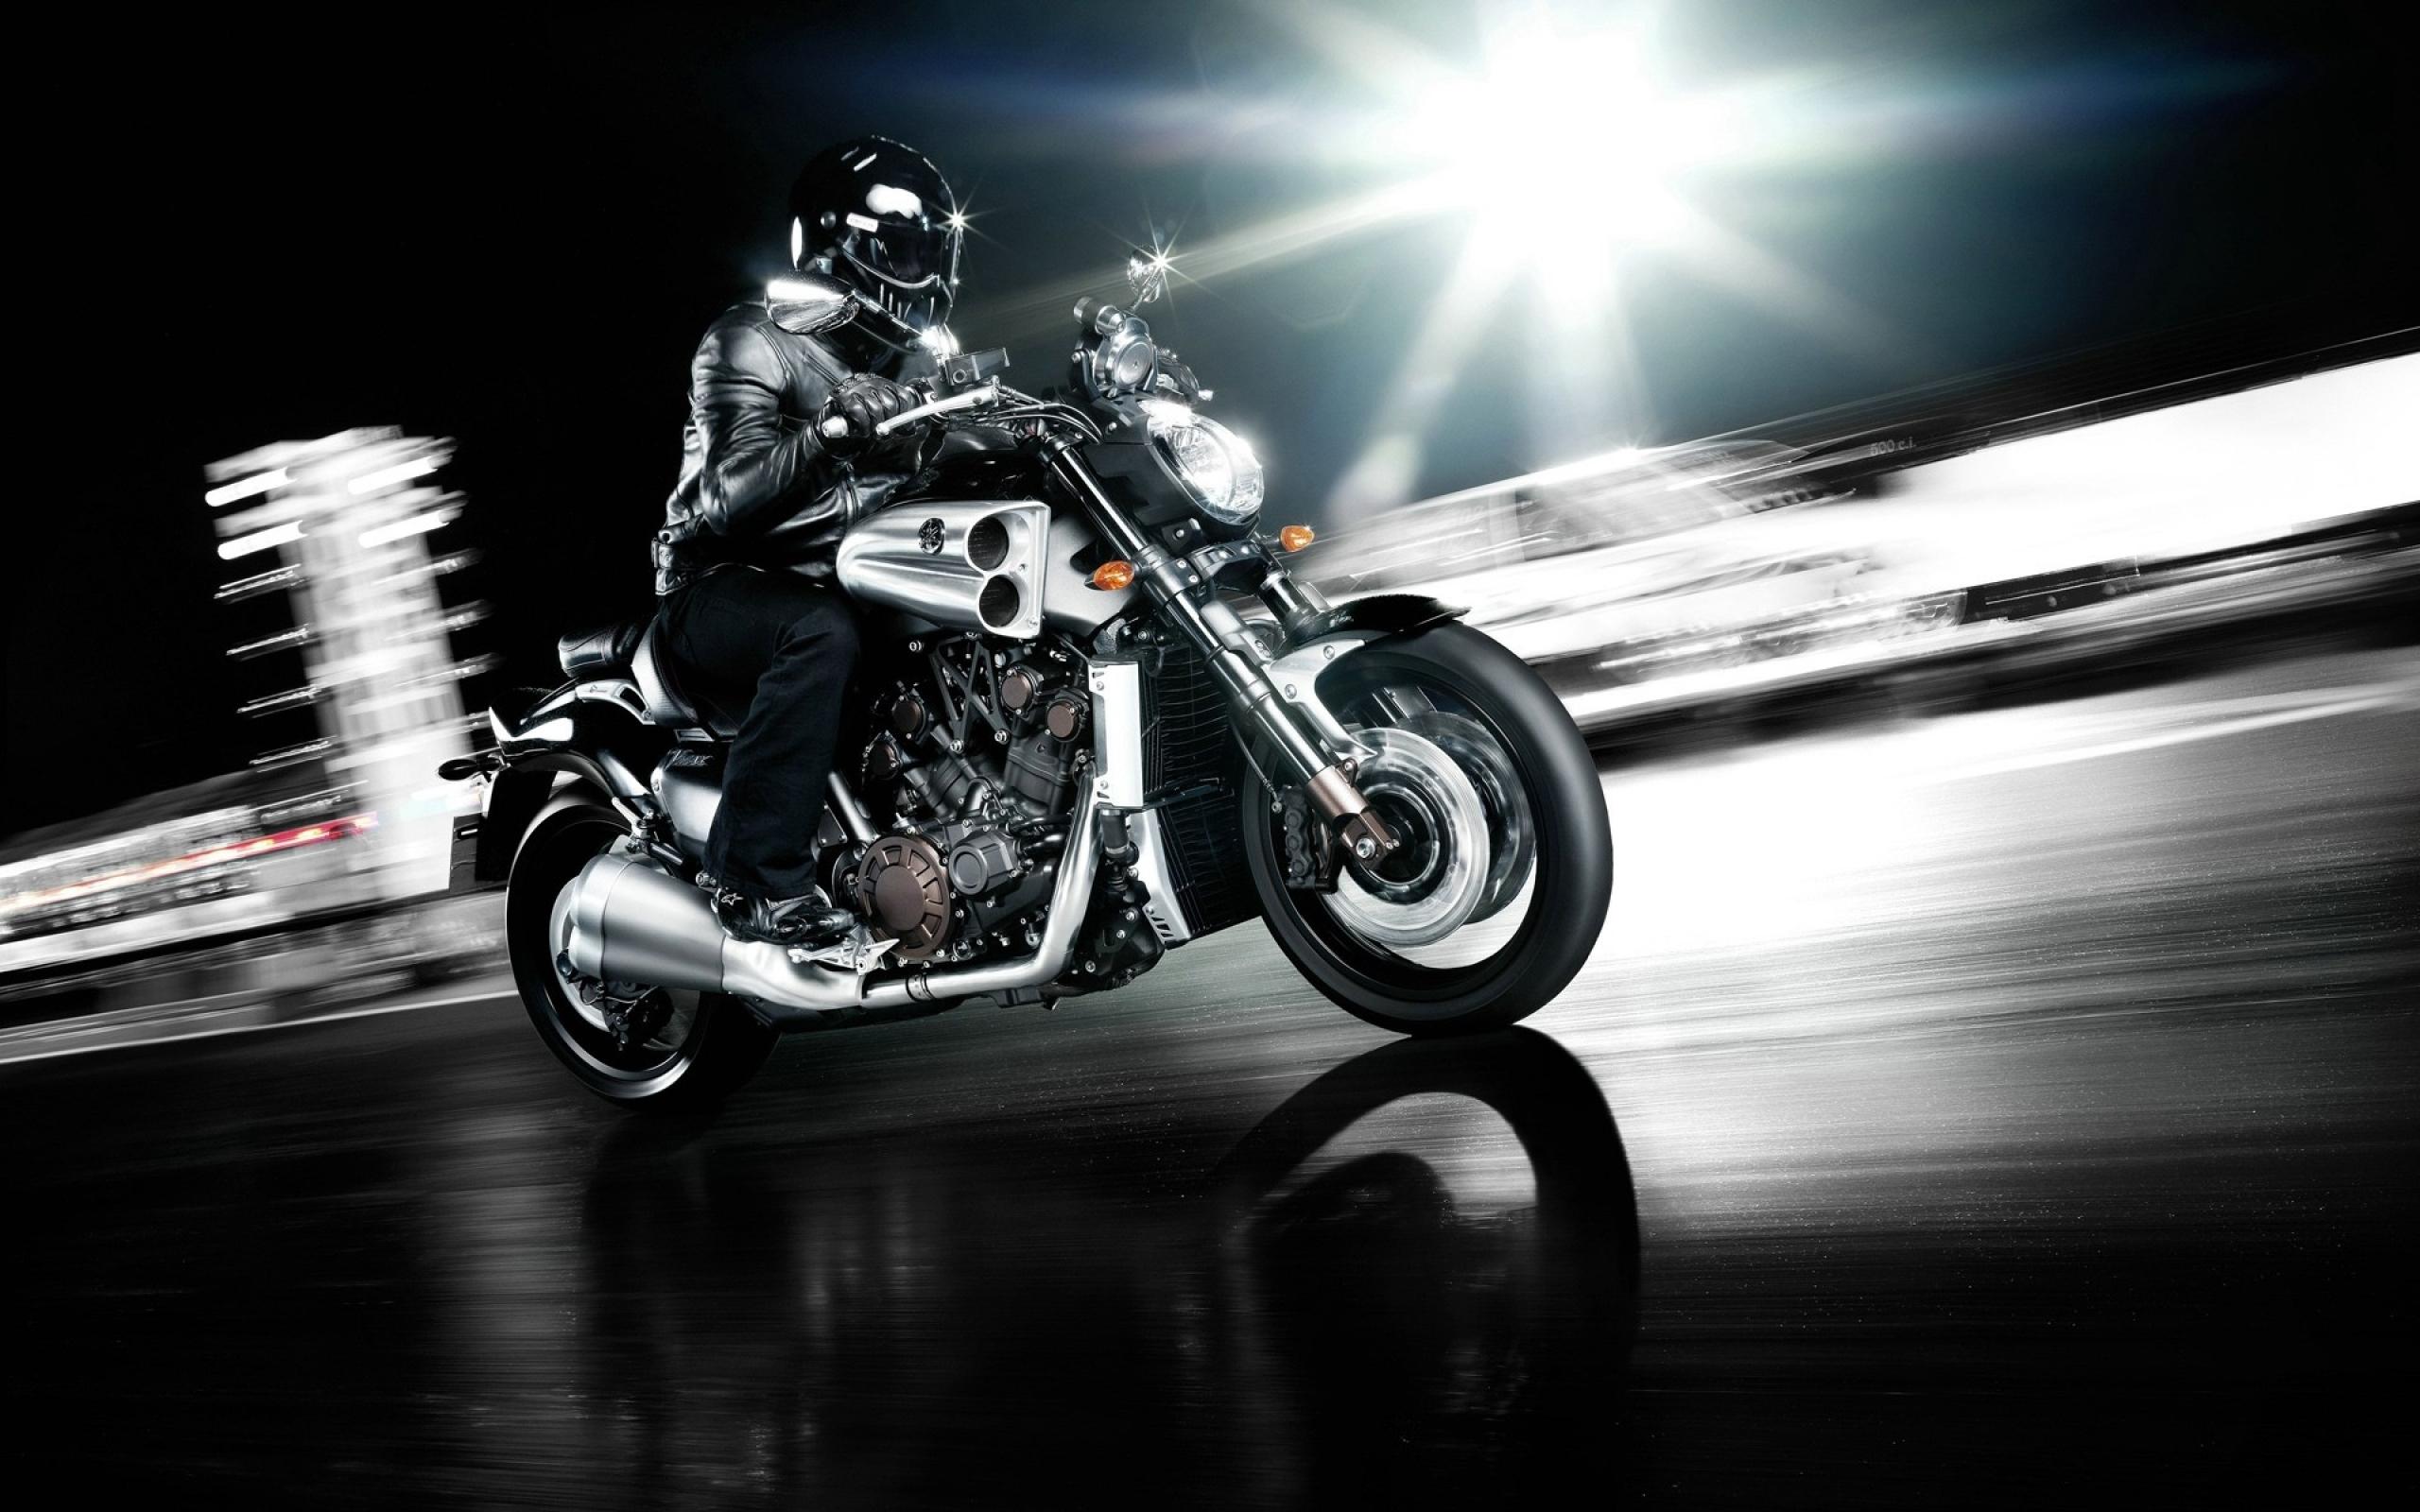 Motorcycle Backgrounds  PixelsTalkNet